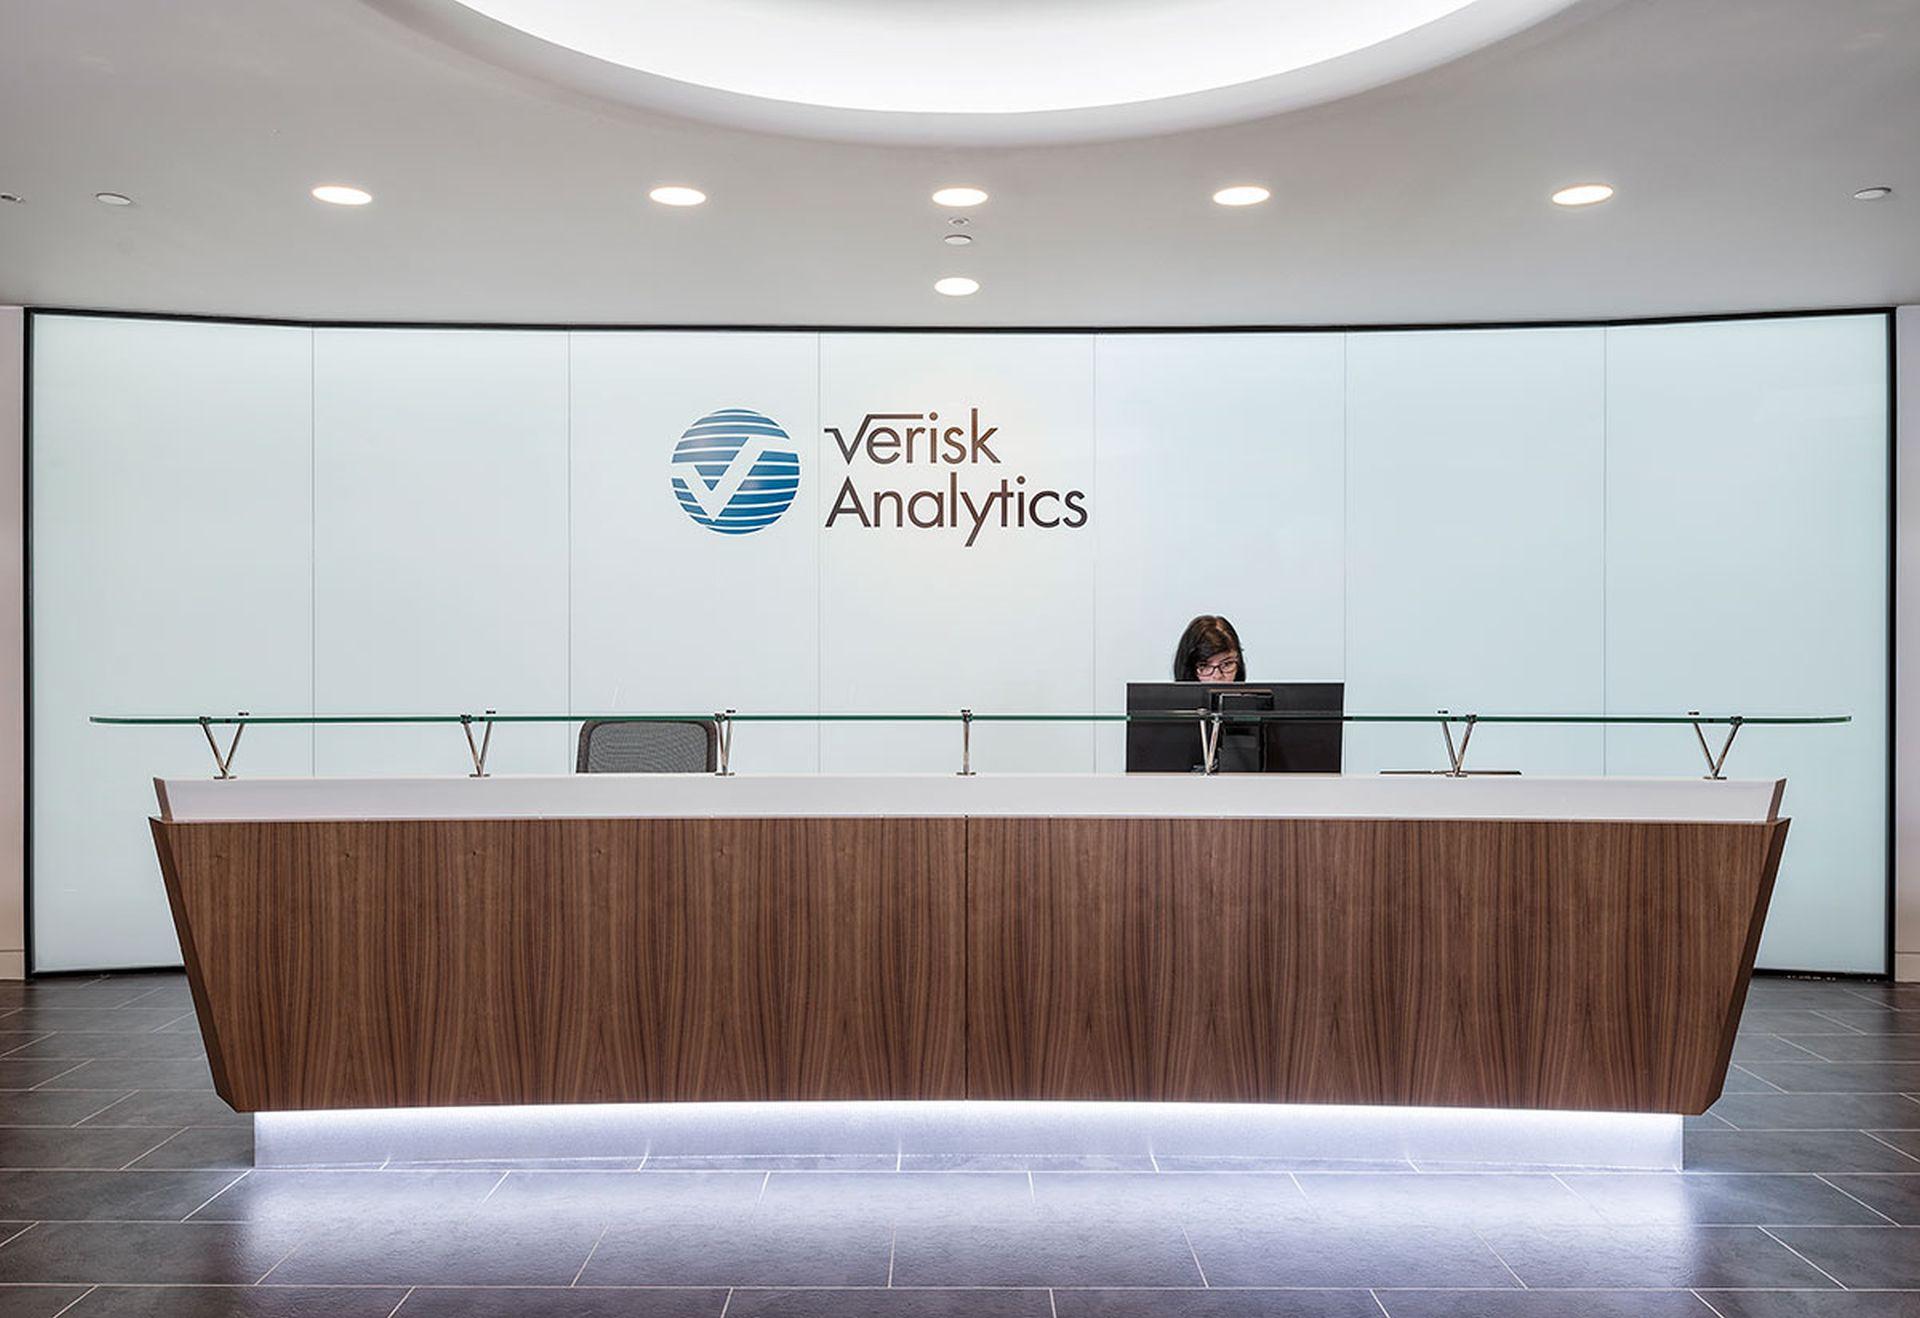 Verisk Case Study Image